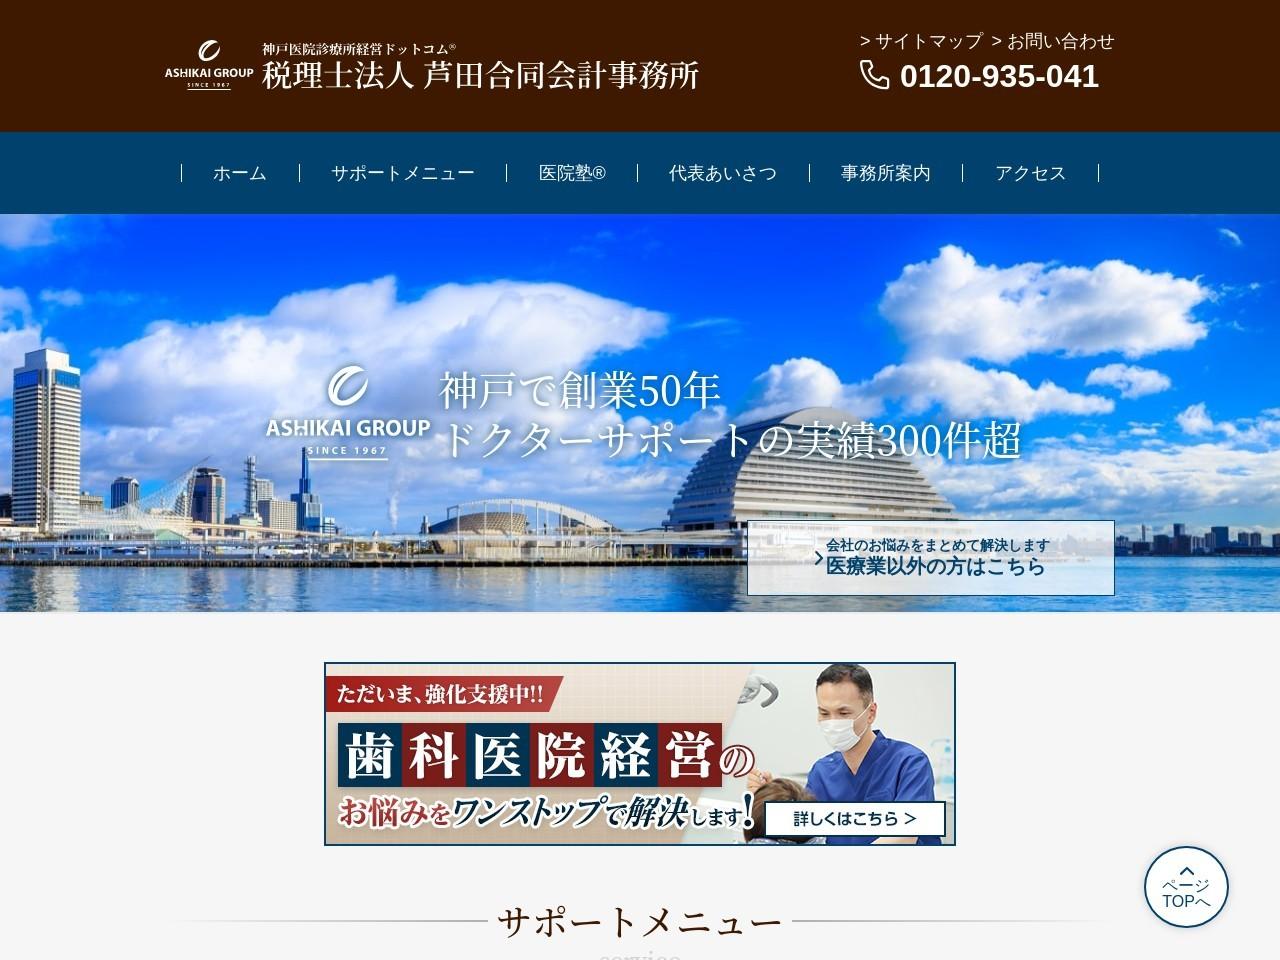 芦田合同会計事務所(税理士法人)